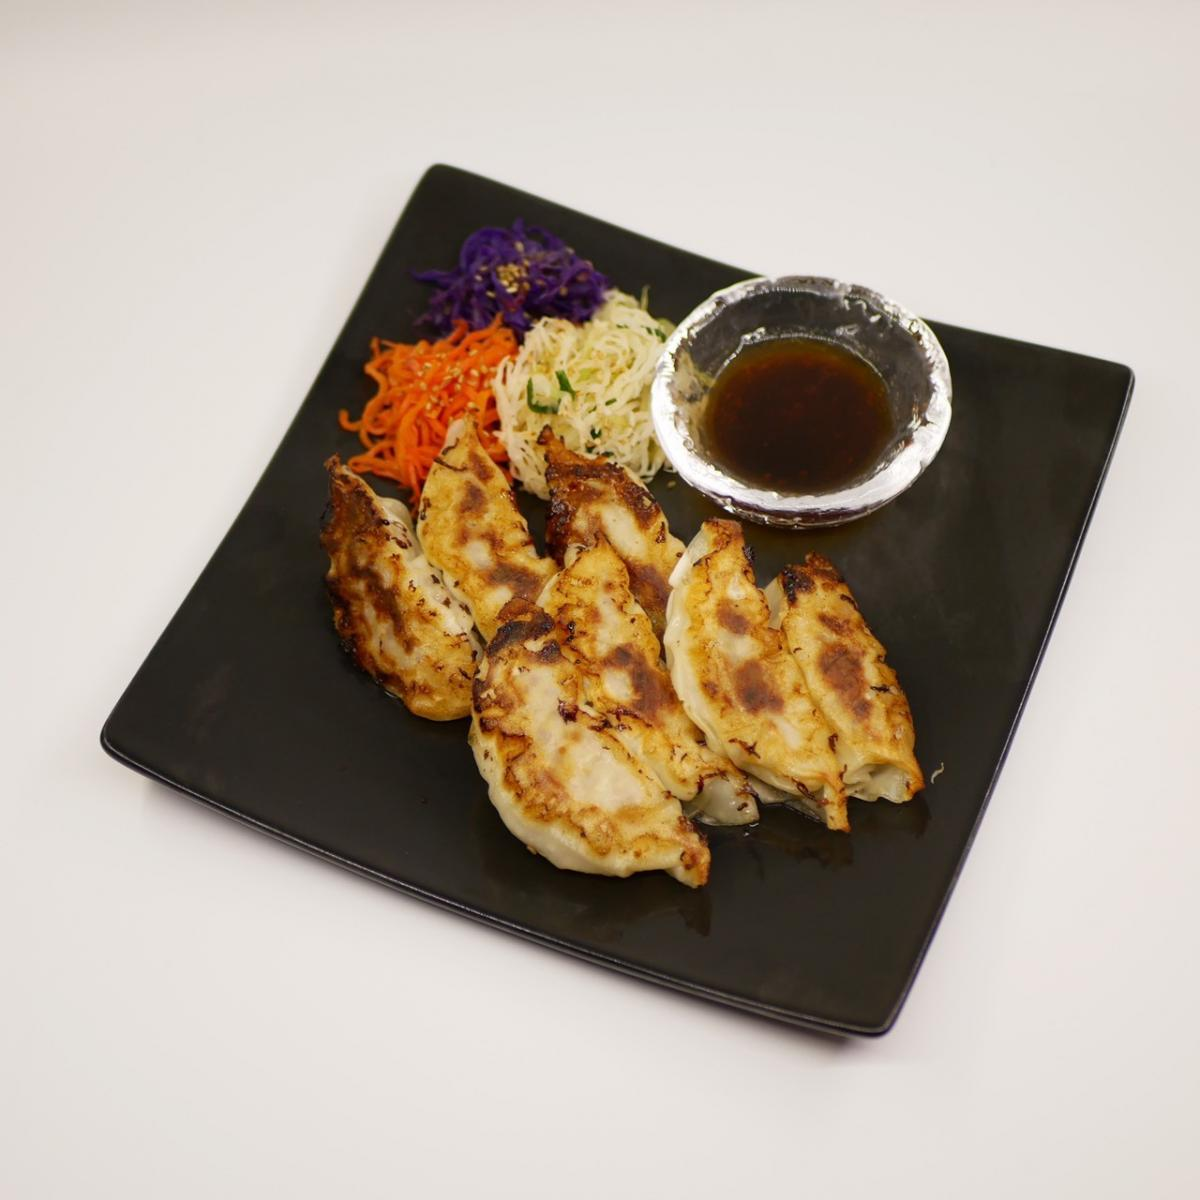 発酵白菜と搾菜(ザーサイ)の餃子のイメージ